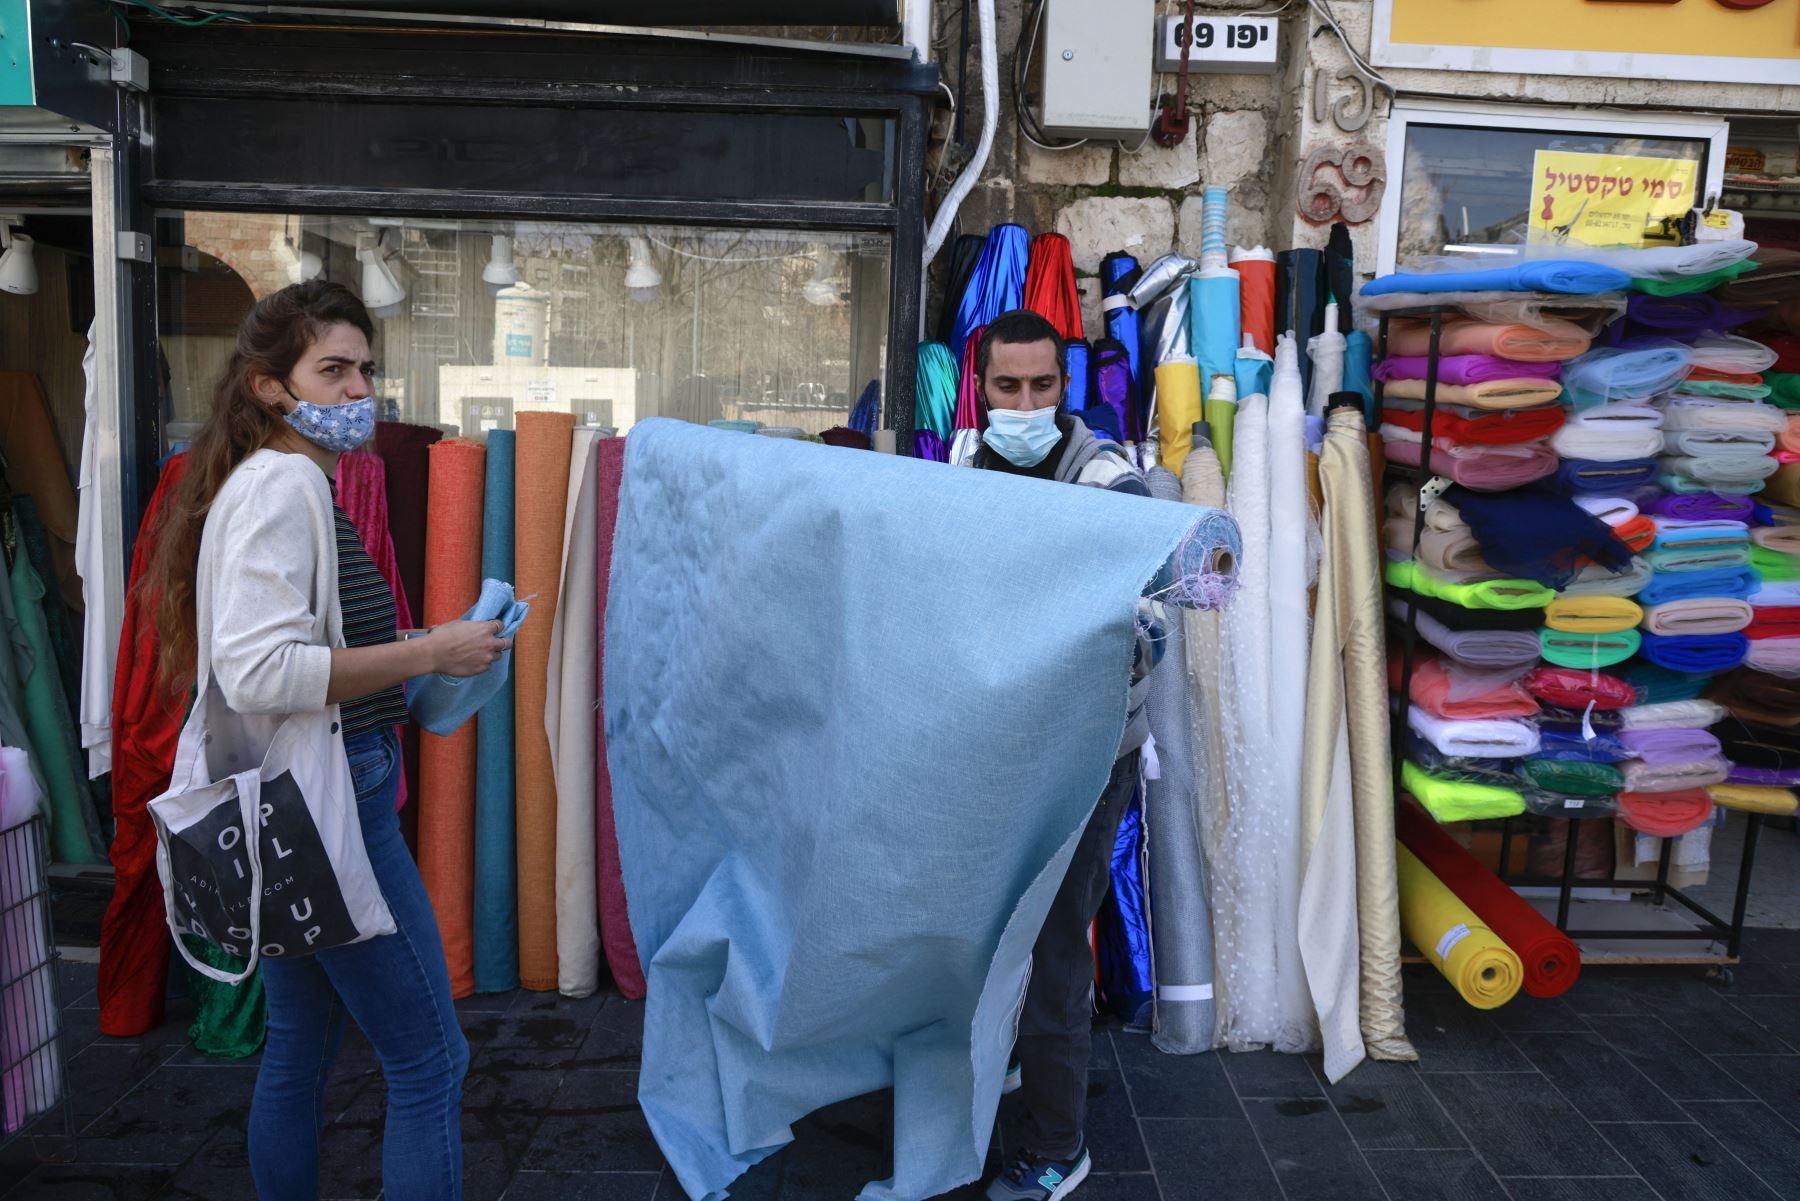 Una mujer compra telas en una tienda abierta en Jerusalén, el 7 de febrero de 2021, después de que las autoridades israelíes anunciaran un alivio gradual de las restricciones por el coronavirus. Foto: AFP